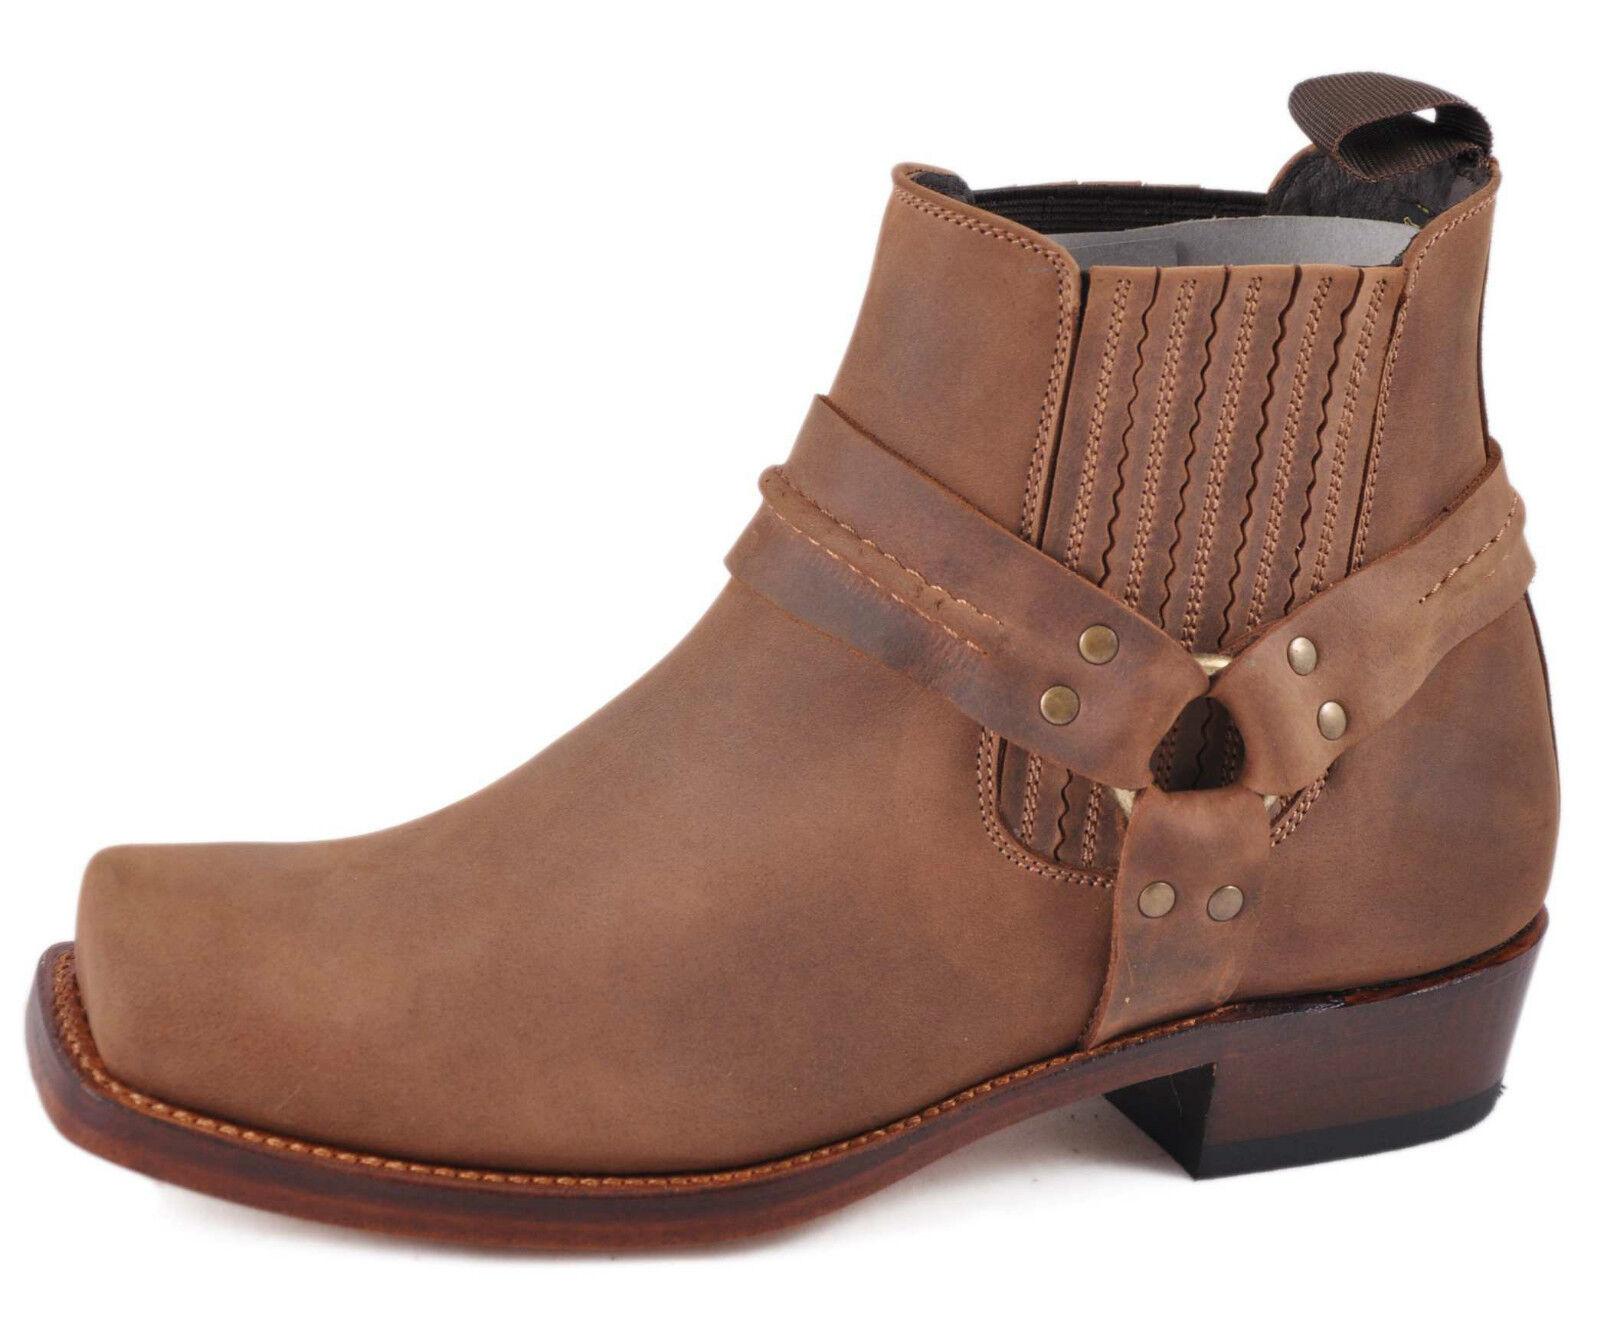 botas Cowboy Tobillo Tobillo Cowboy Unisex Estilo Mayura 004 Negro, Marrón UE tamaño 41, 46 (Reino Unido 7, 11) 5a0f82